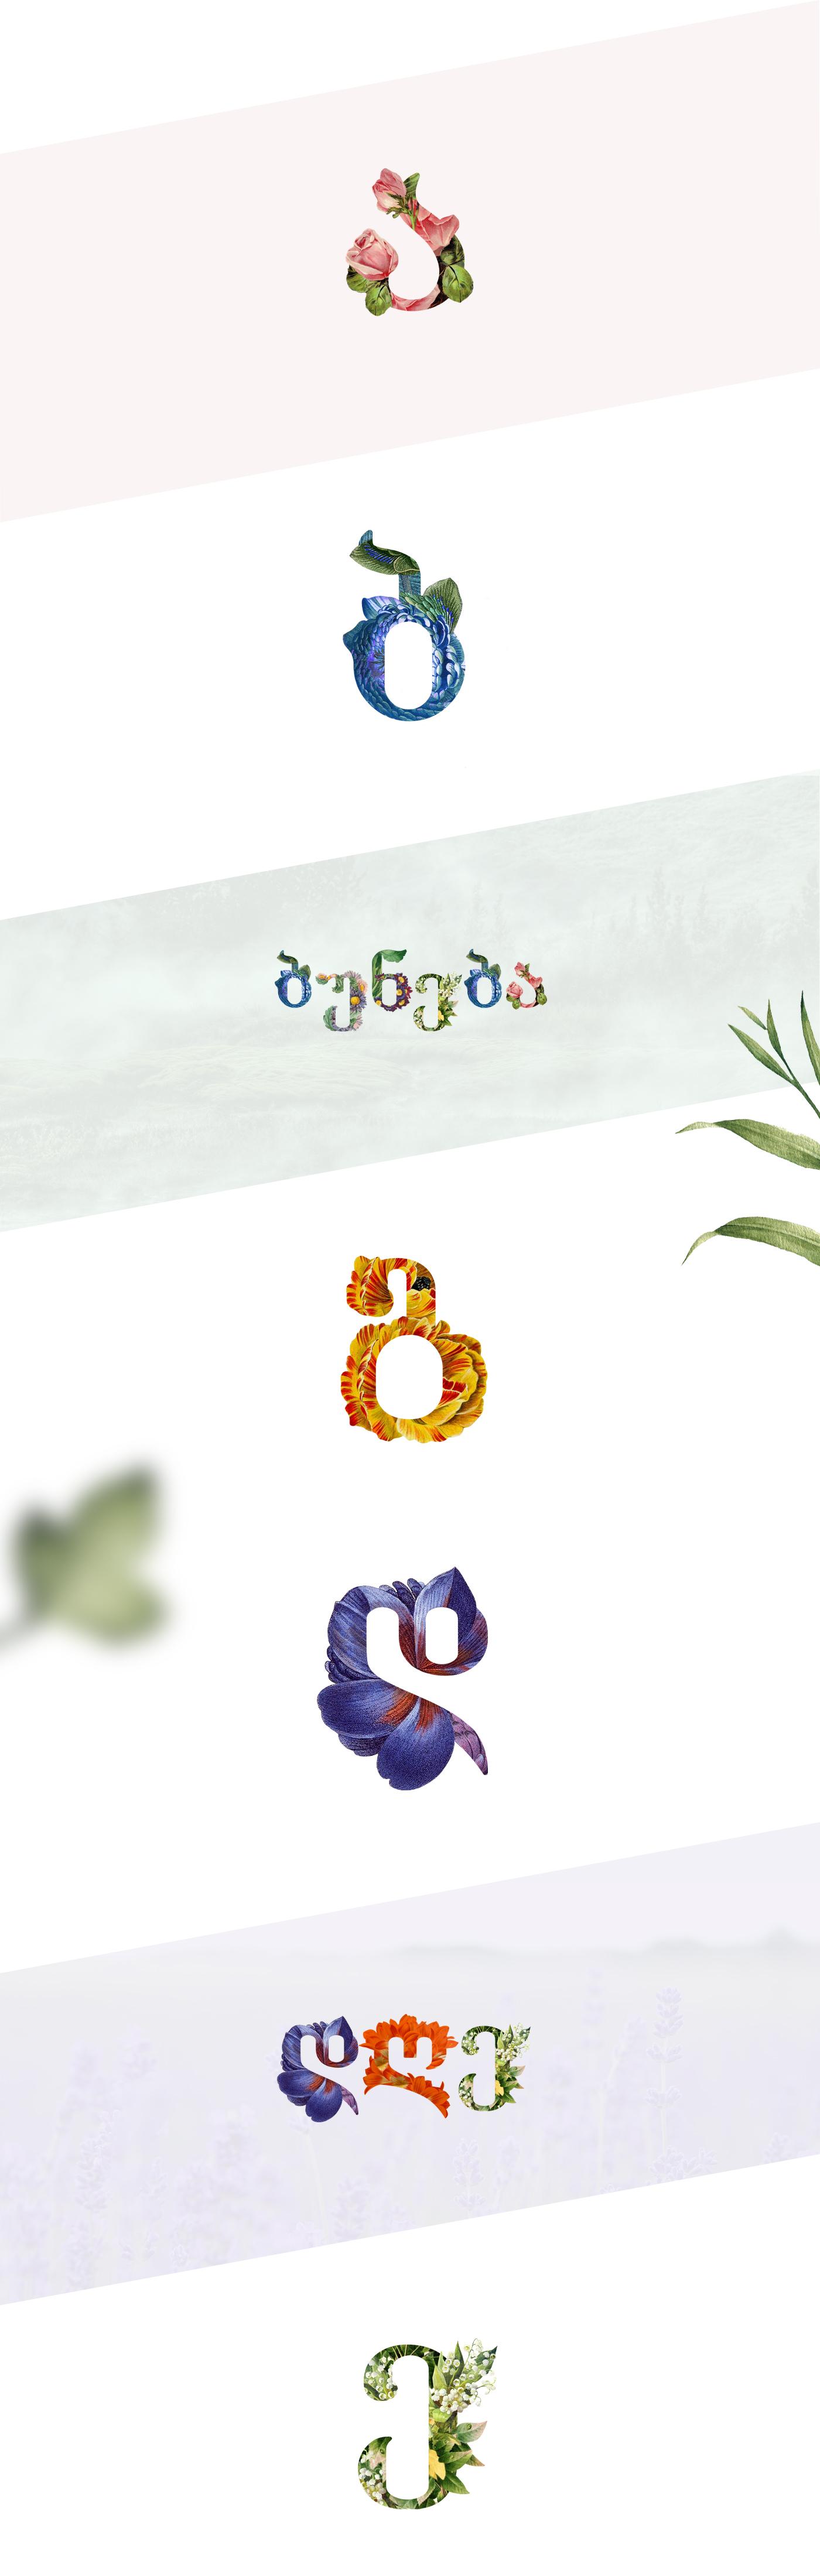 GeoFlower Font